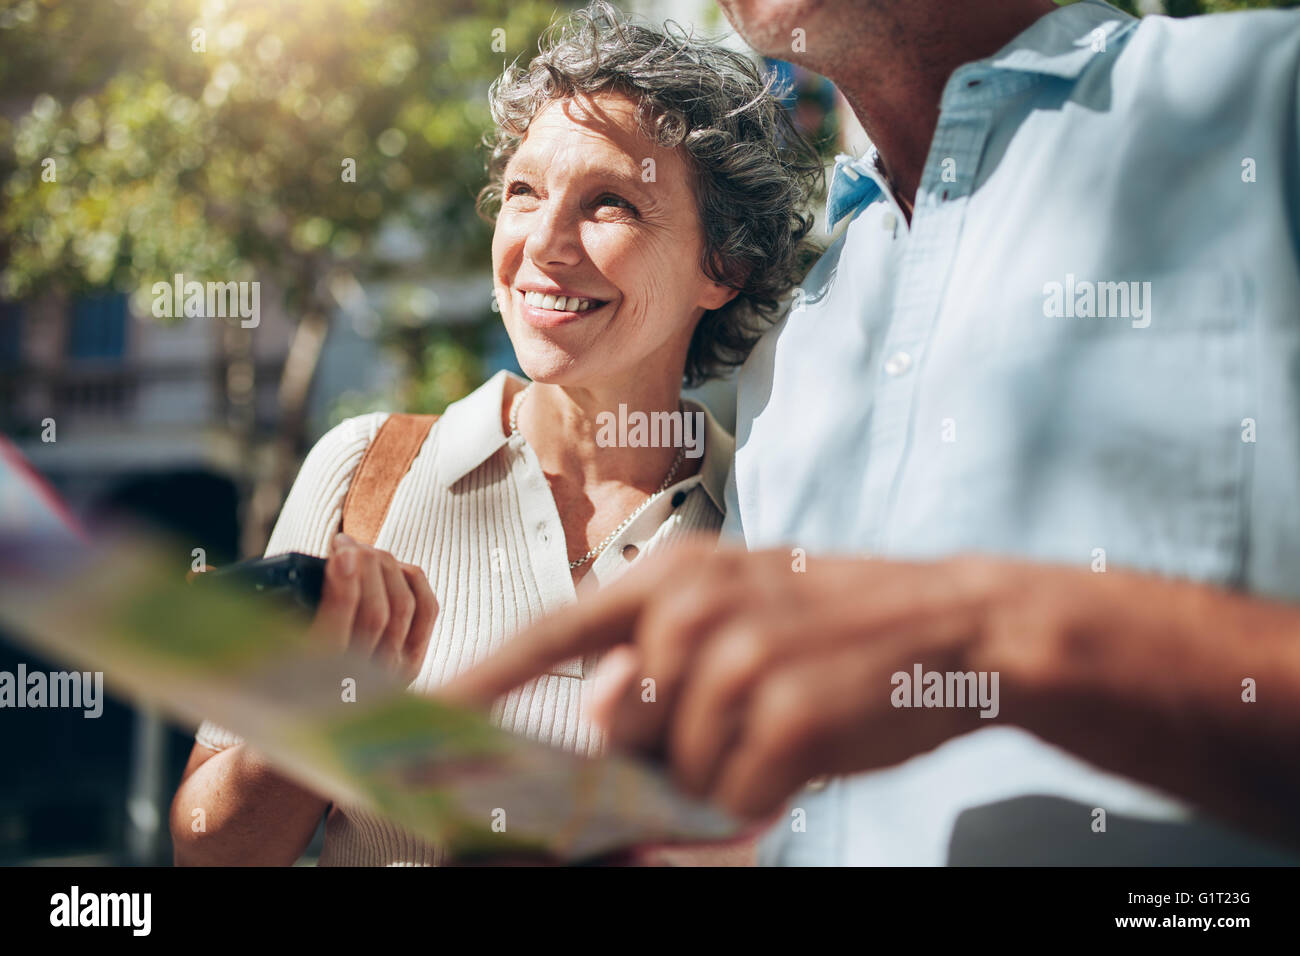 Hauts femme avec un homme tenant une carte de la ville. Heureux et joyeux, profitant de la retraite. Photo Stock